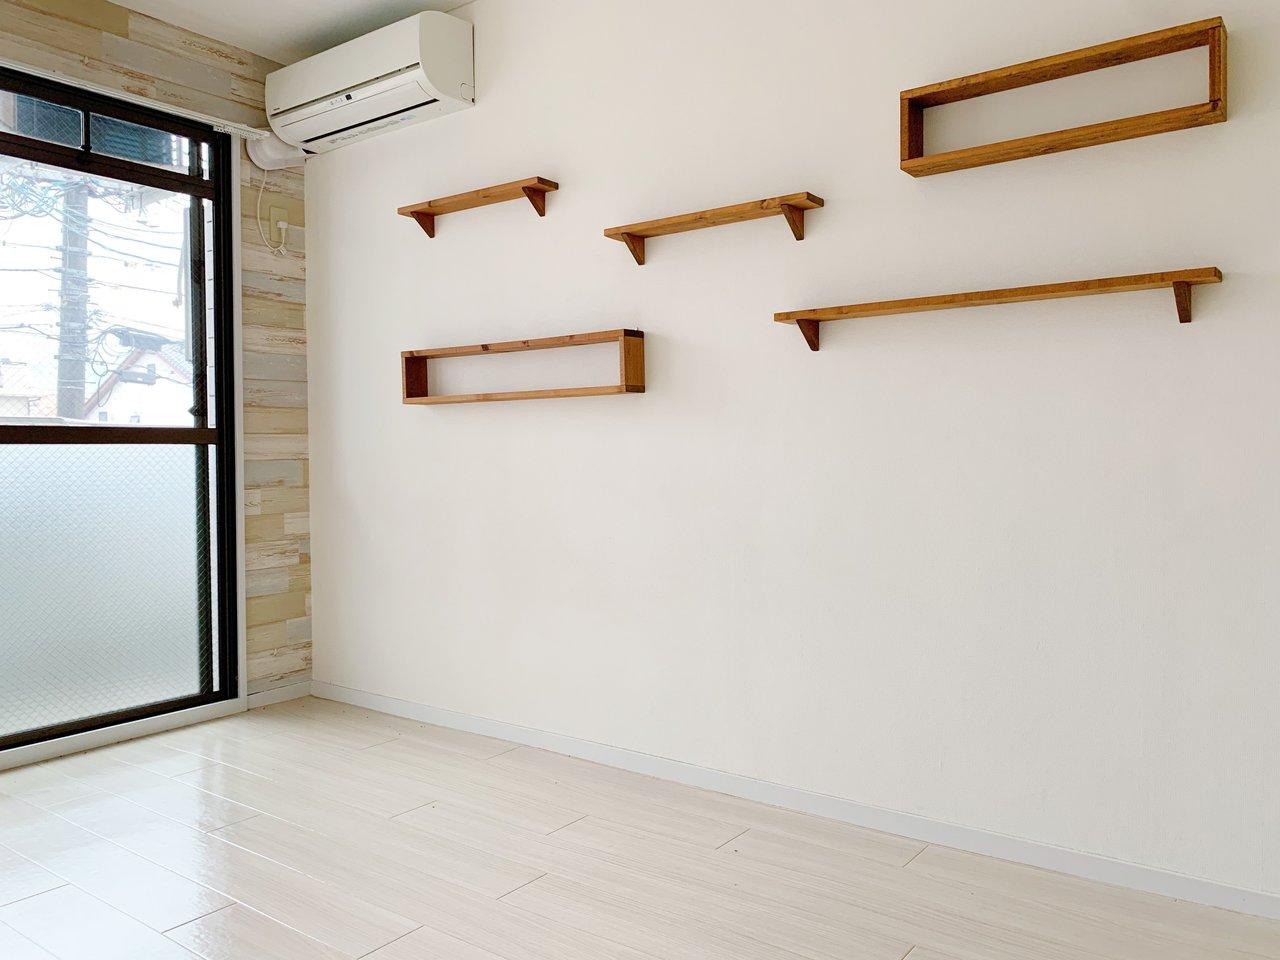 壁に可愛い飾り棚つきのワンルーム!好きなものが飾れるお部屋は嬉しいですね